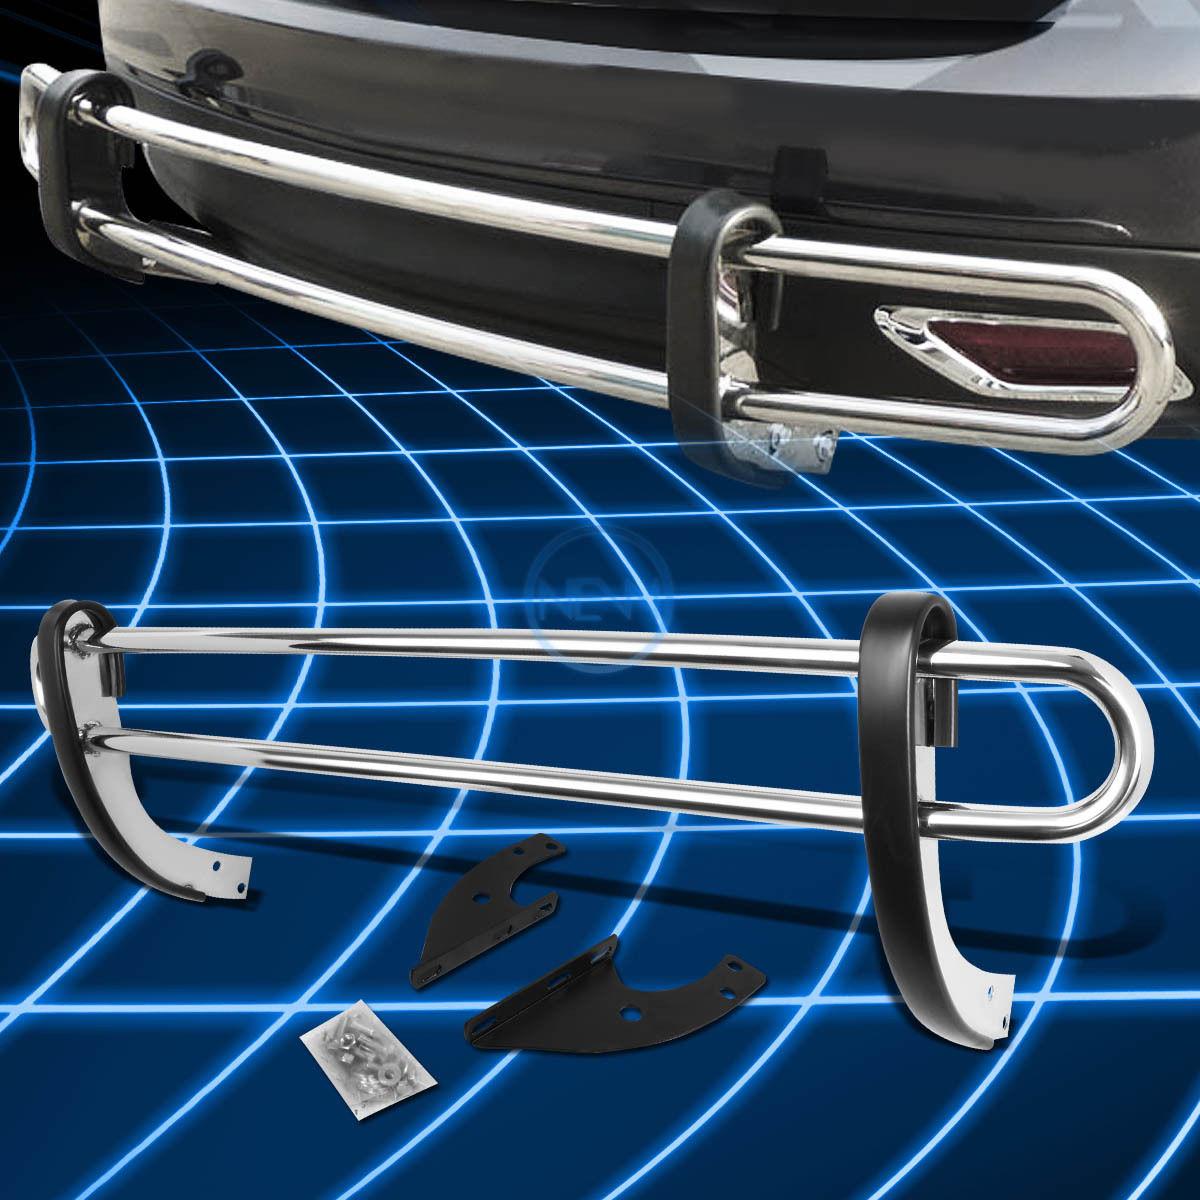 グリル ステンレススチールダブルパイプバーリアバンパーガード(2004年?2009年)Lexus RX330-400h Stainless Steel Double Pipe Bar Rear Bumper Guard for 2004-2009 Lexus RX330-400h